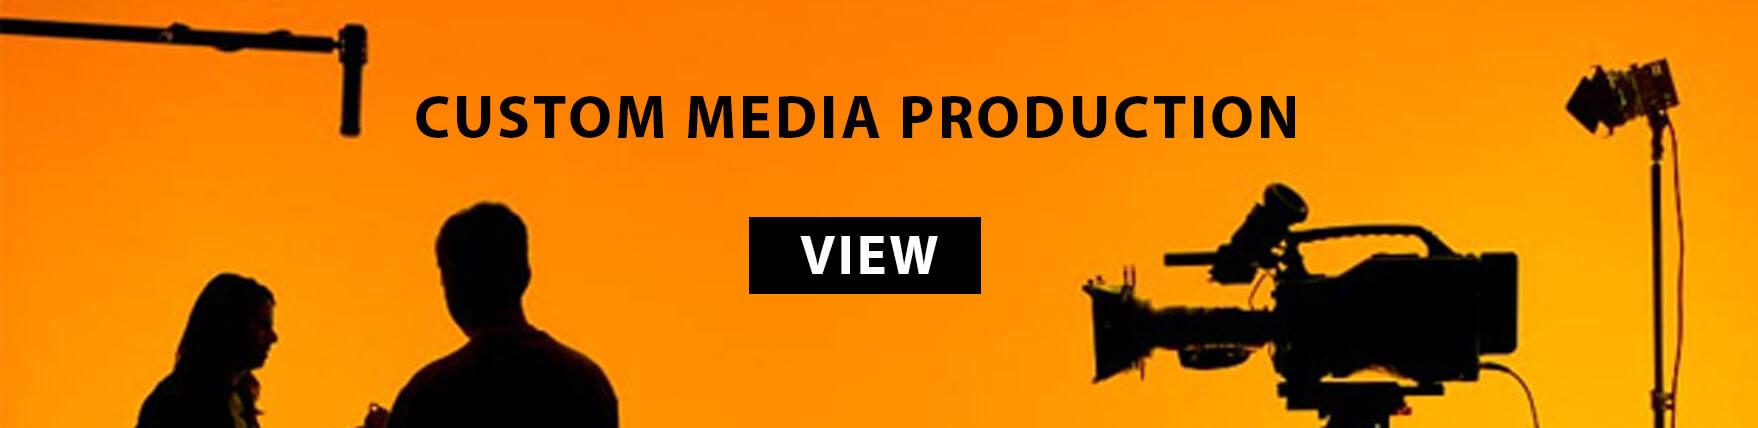 LVR Media